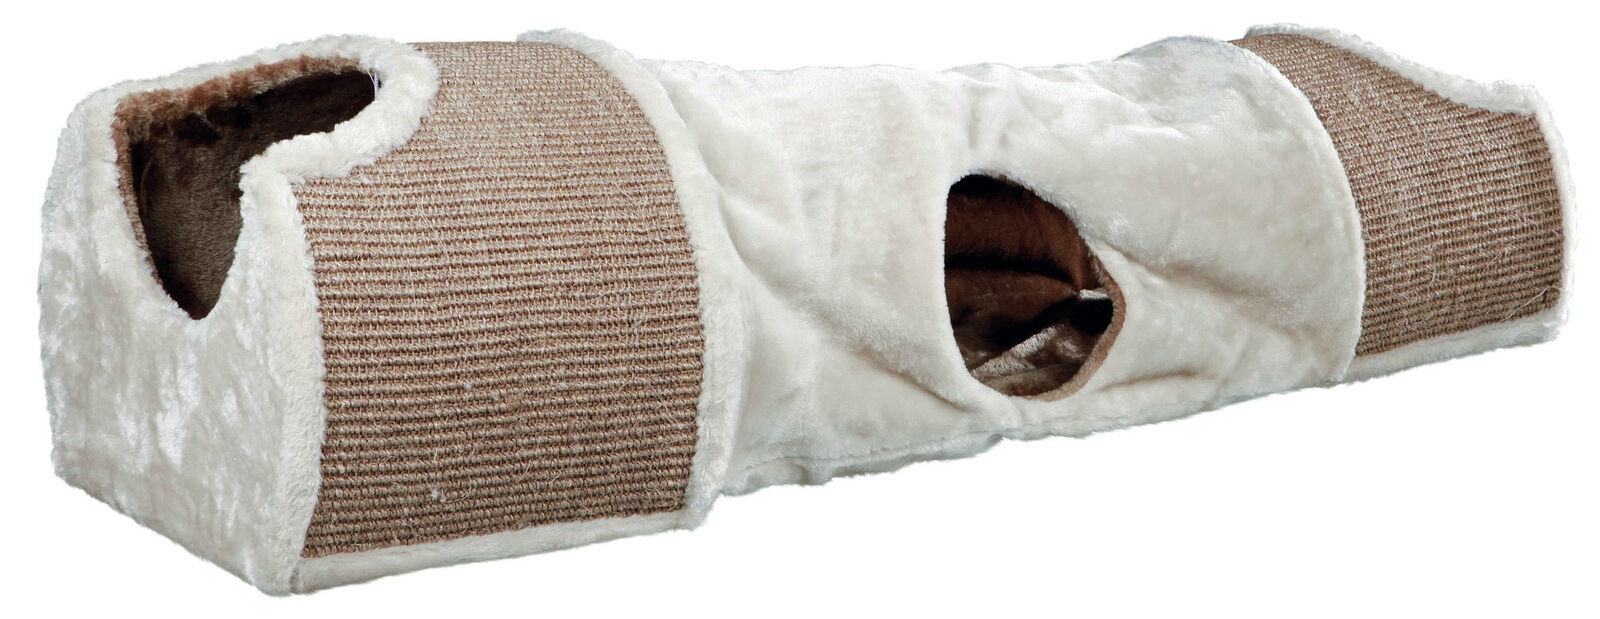 Trixie Trixie Trixie Kratztunnel für Katzen mit Plüsch Bezug 110 × 30 × 38 cm lichtgrau braun 6d5920